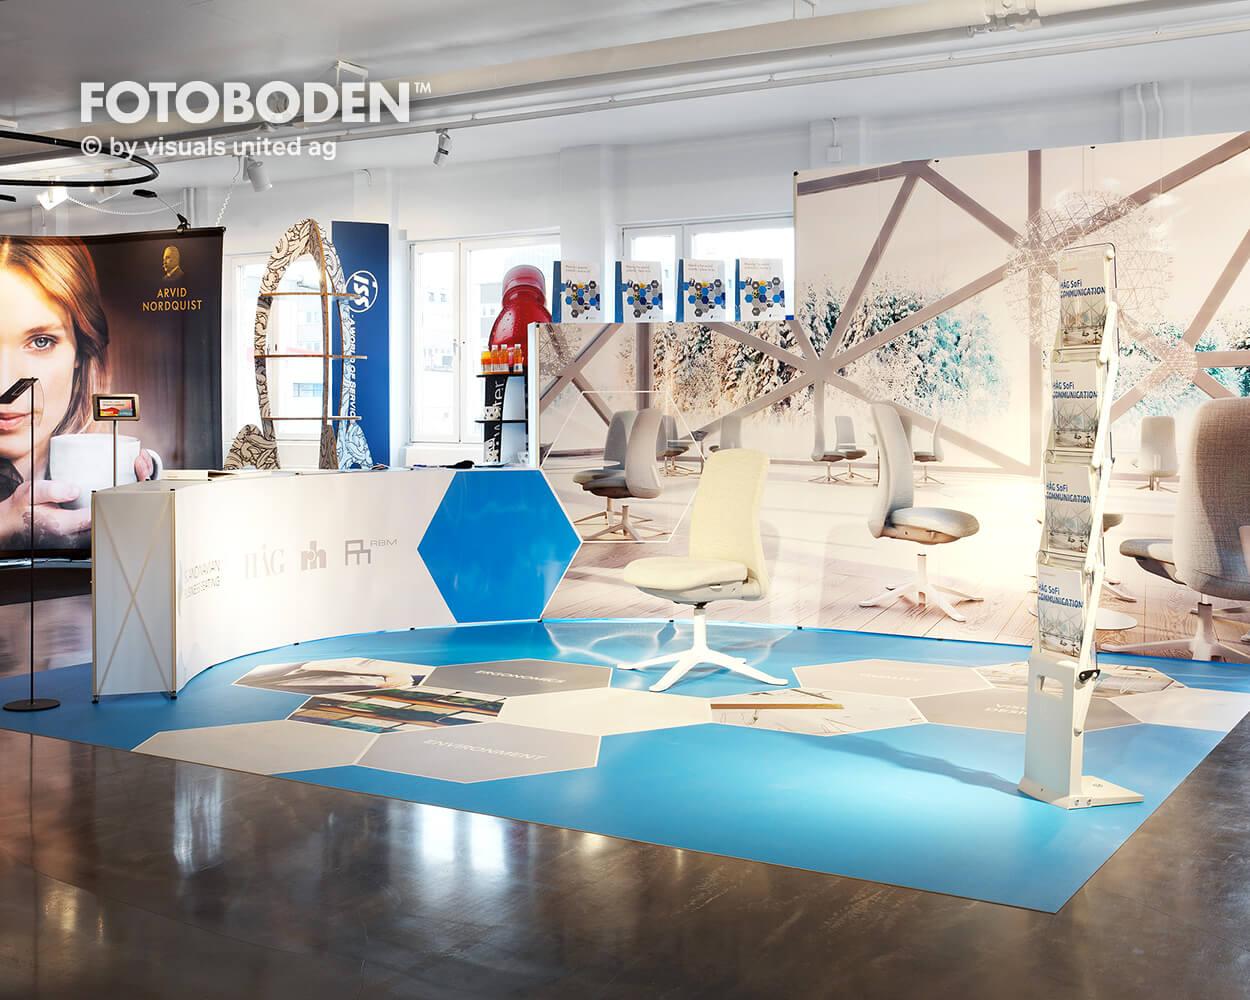 Wironment Ladenbau Ladengestaltung Fußboden Verkaufsfläche Bodengestaltung Boden Foto Fotoboden Fotomotiv Motiv Druck Visual Merchandising Point Of Sale POS